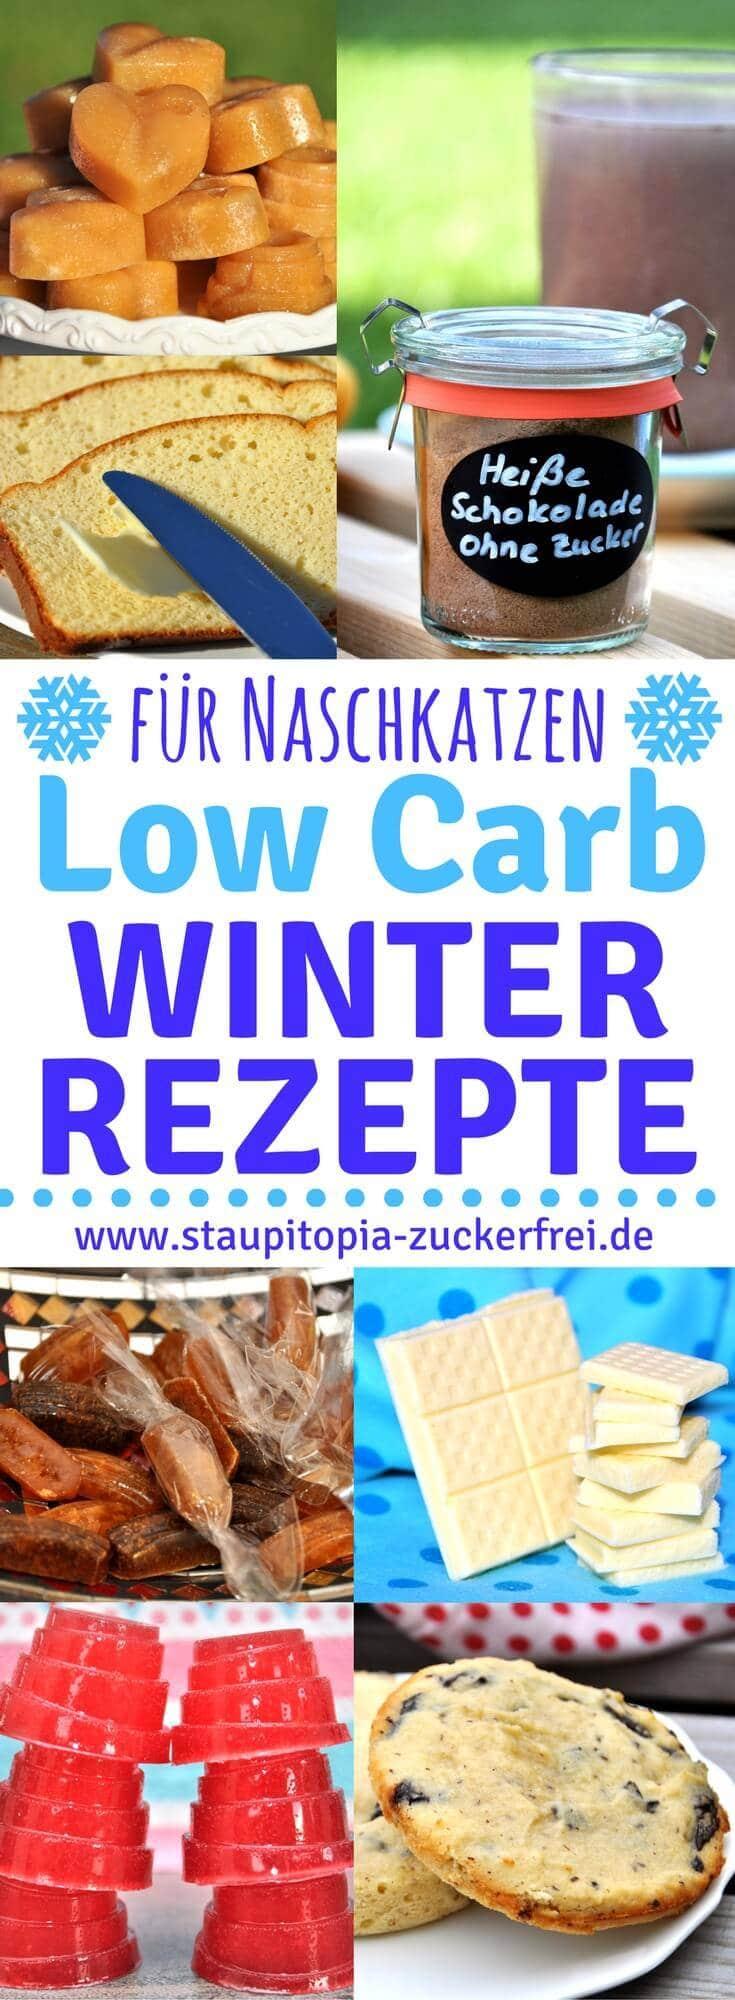 Der Winter ist da und es regnet, stürmt und ist ungemütlich? Da kommen diese Low Carb Winter Rezepte für kalte Tage wie gerufen!